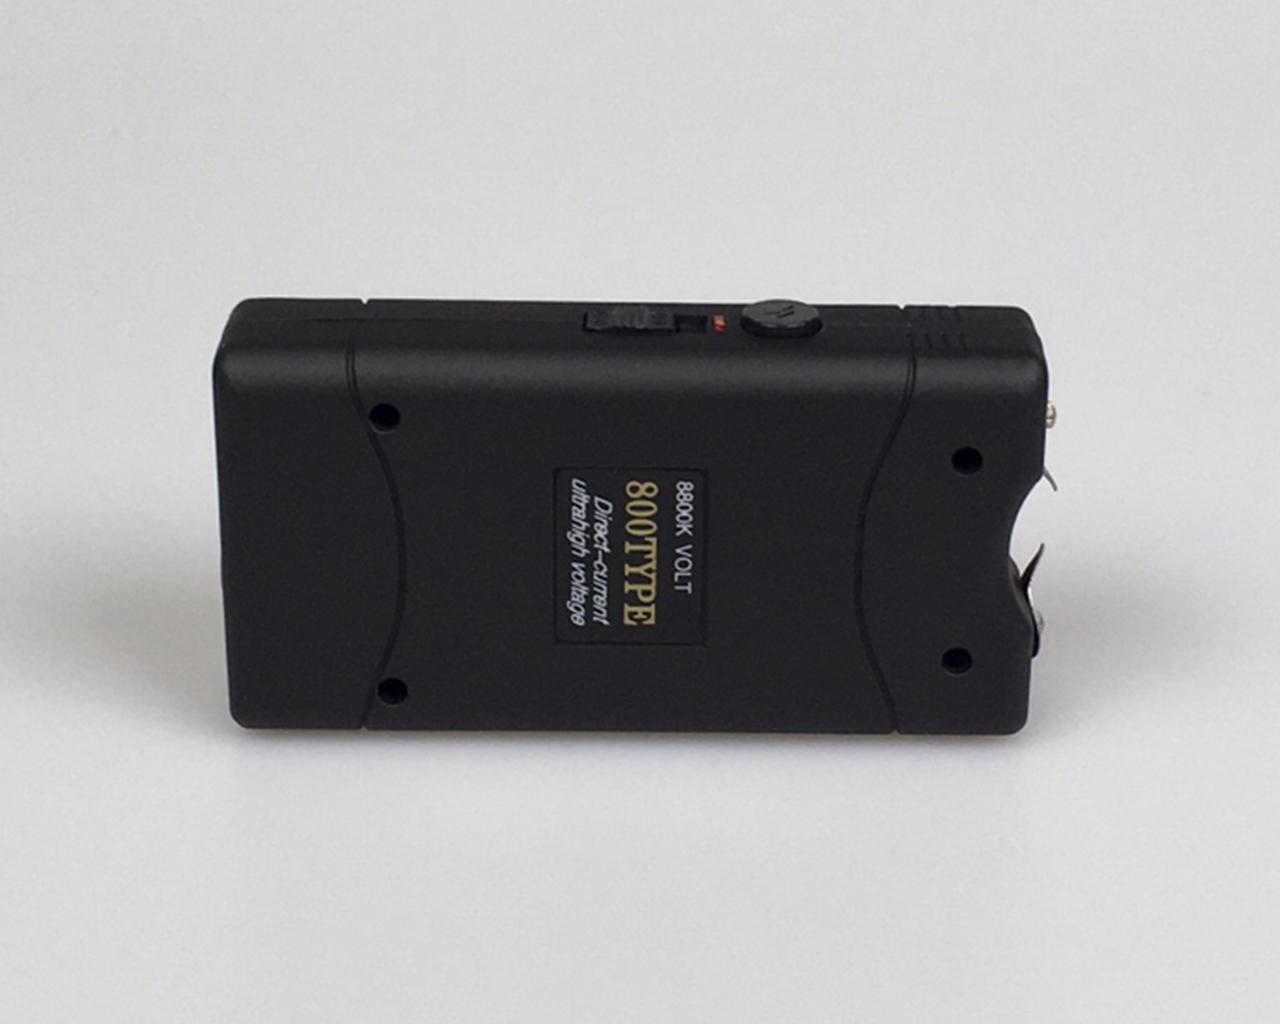 ОСА 800 электрошокер для самозащиты